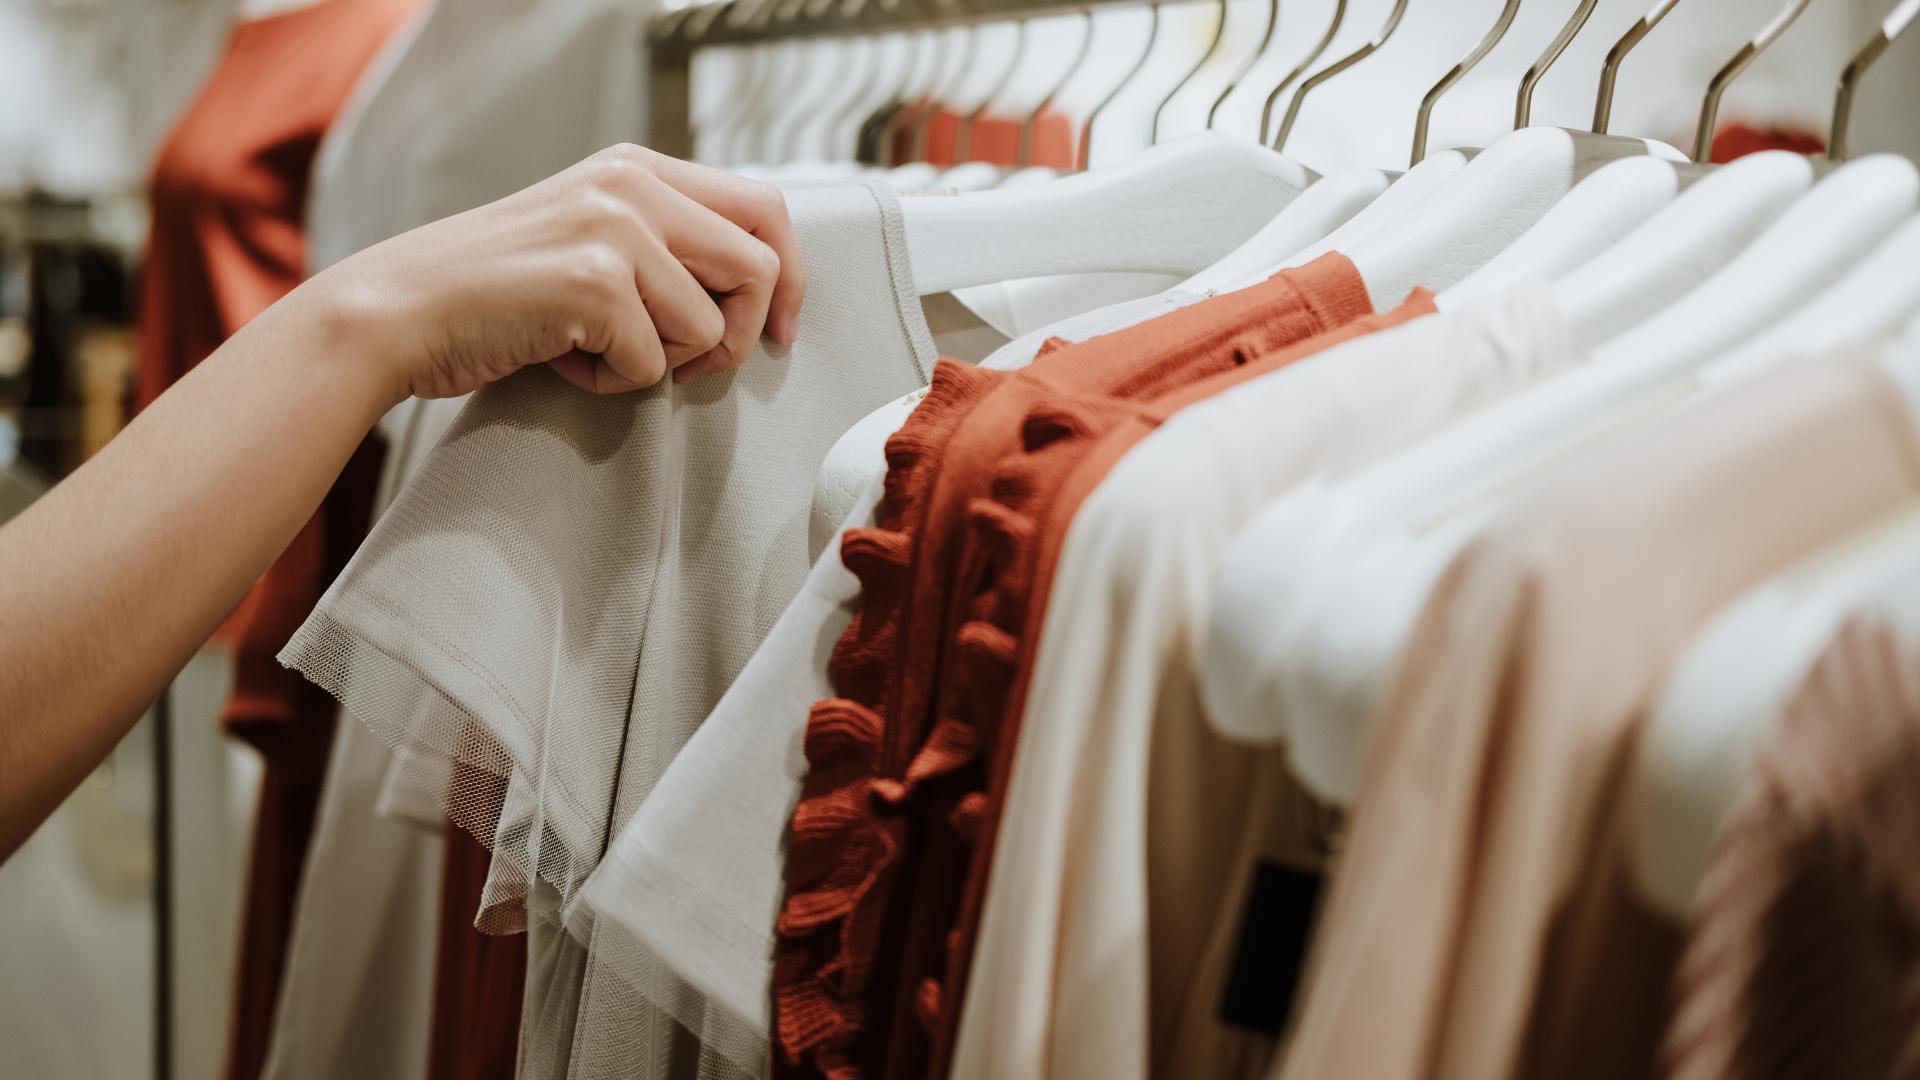 Dlaczego Polki wybierają markową odzież